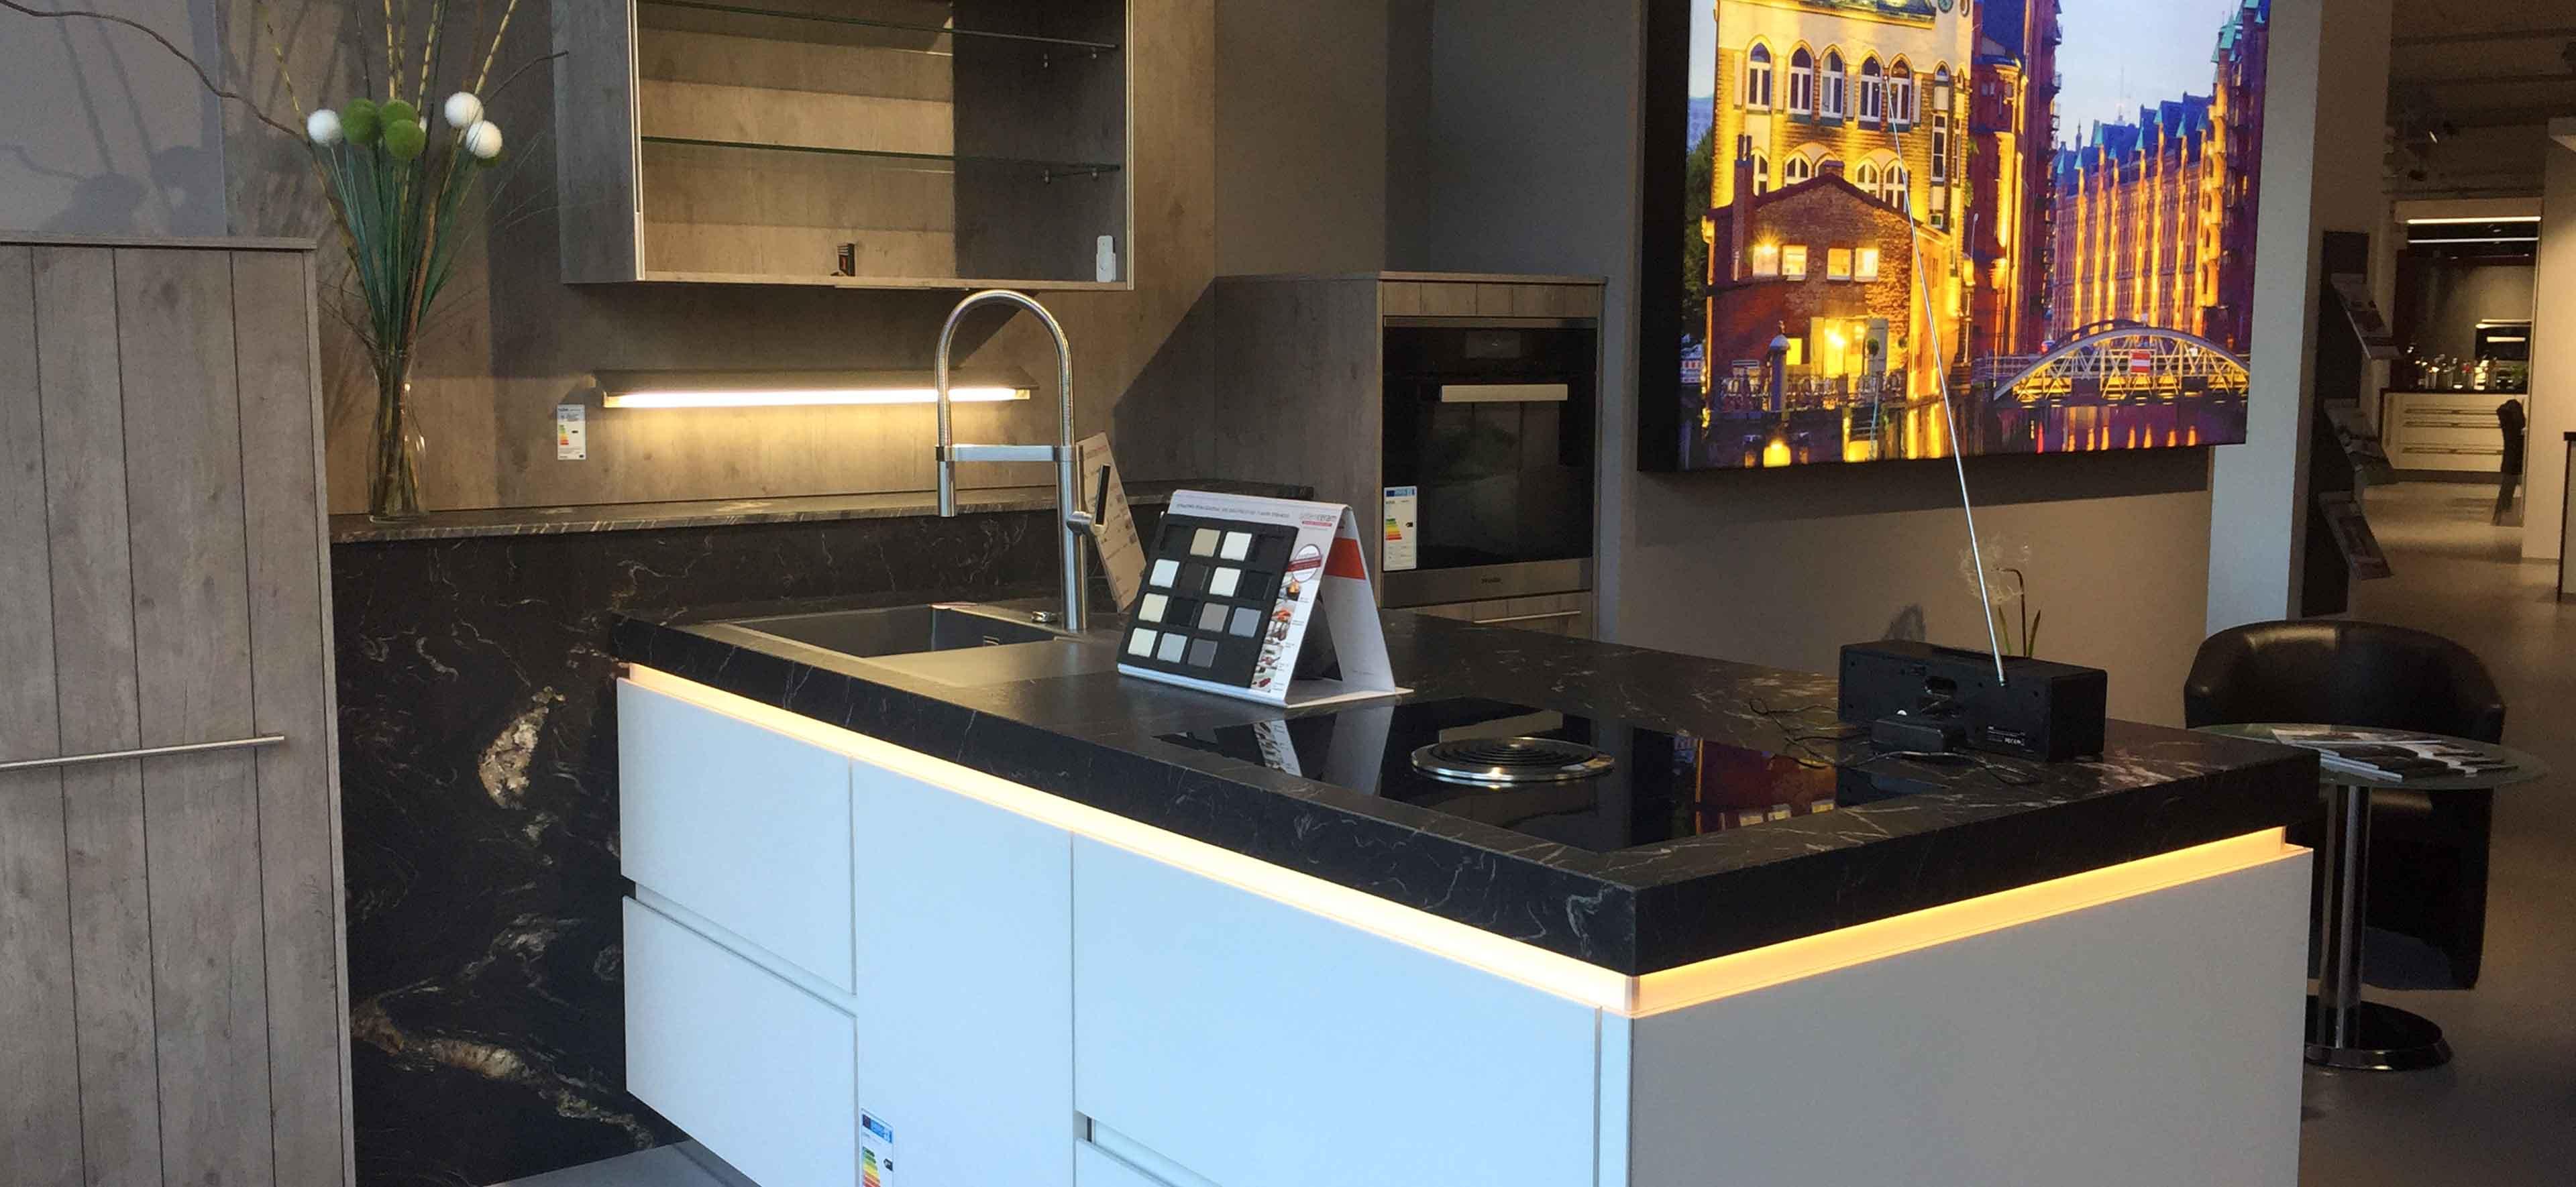 Küchenplanung Norderstedt Thomas Rüggeberg Info Zur Person Mit